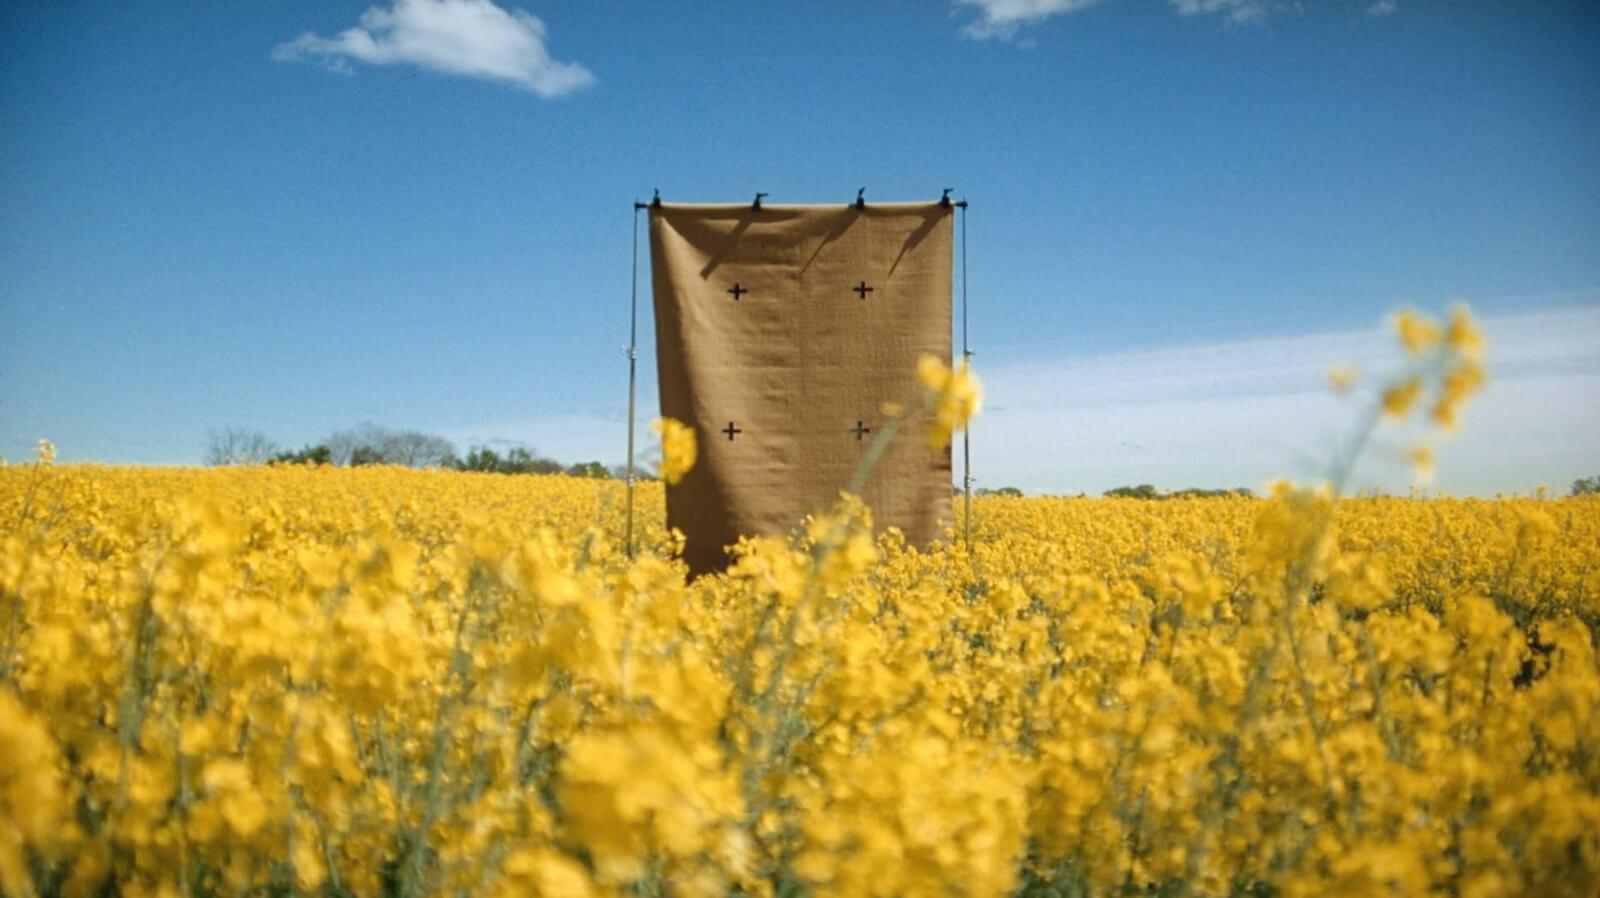 Plus-Mustard-Field